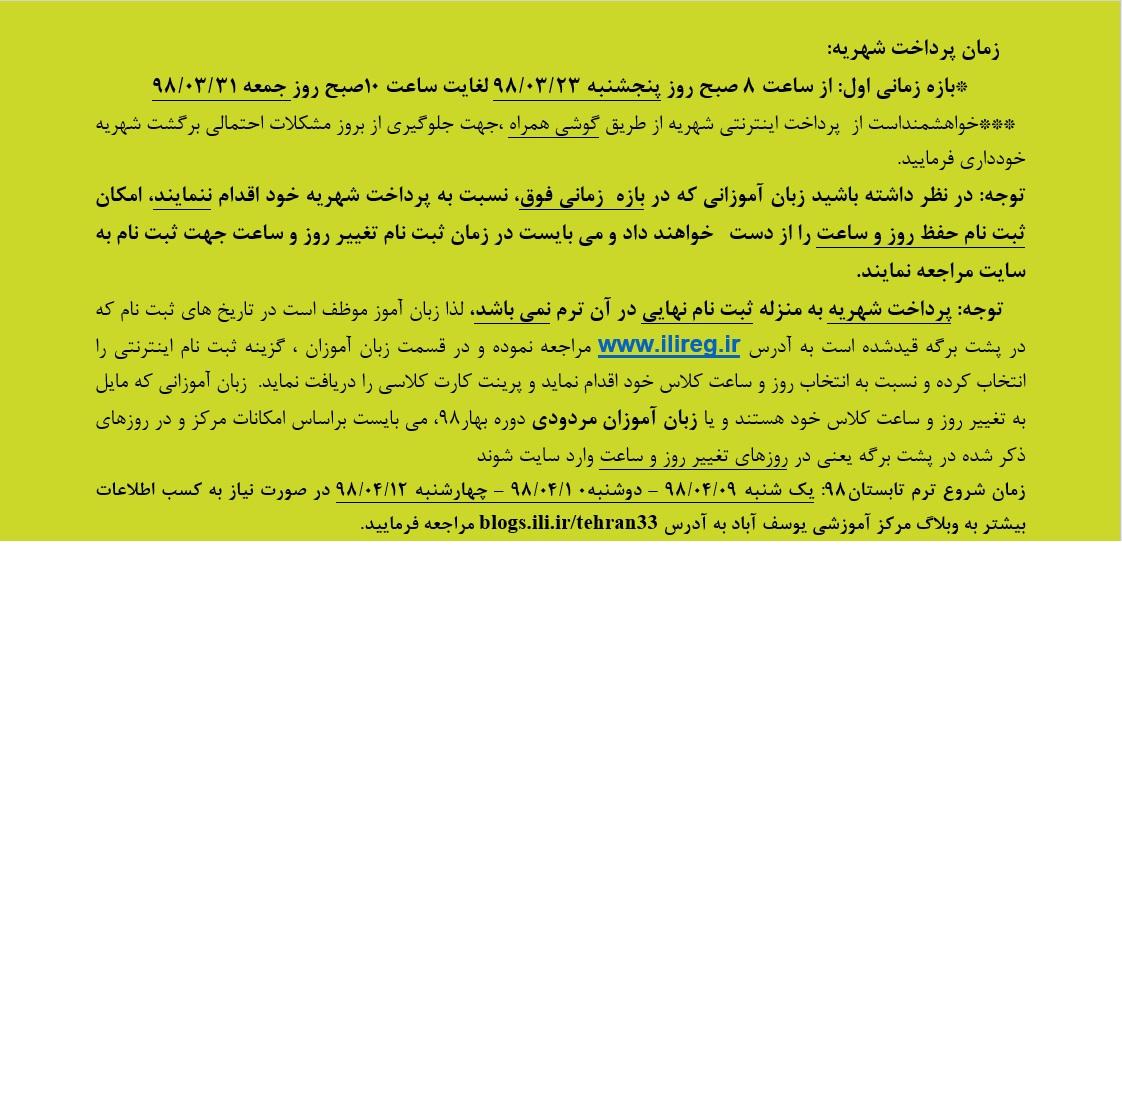 پرداخت اینترنتی شهریه و ثبت نام ترم تابستان 98 کانون زبان ایران